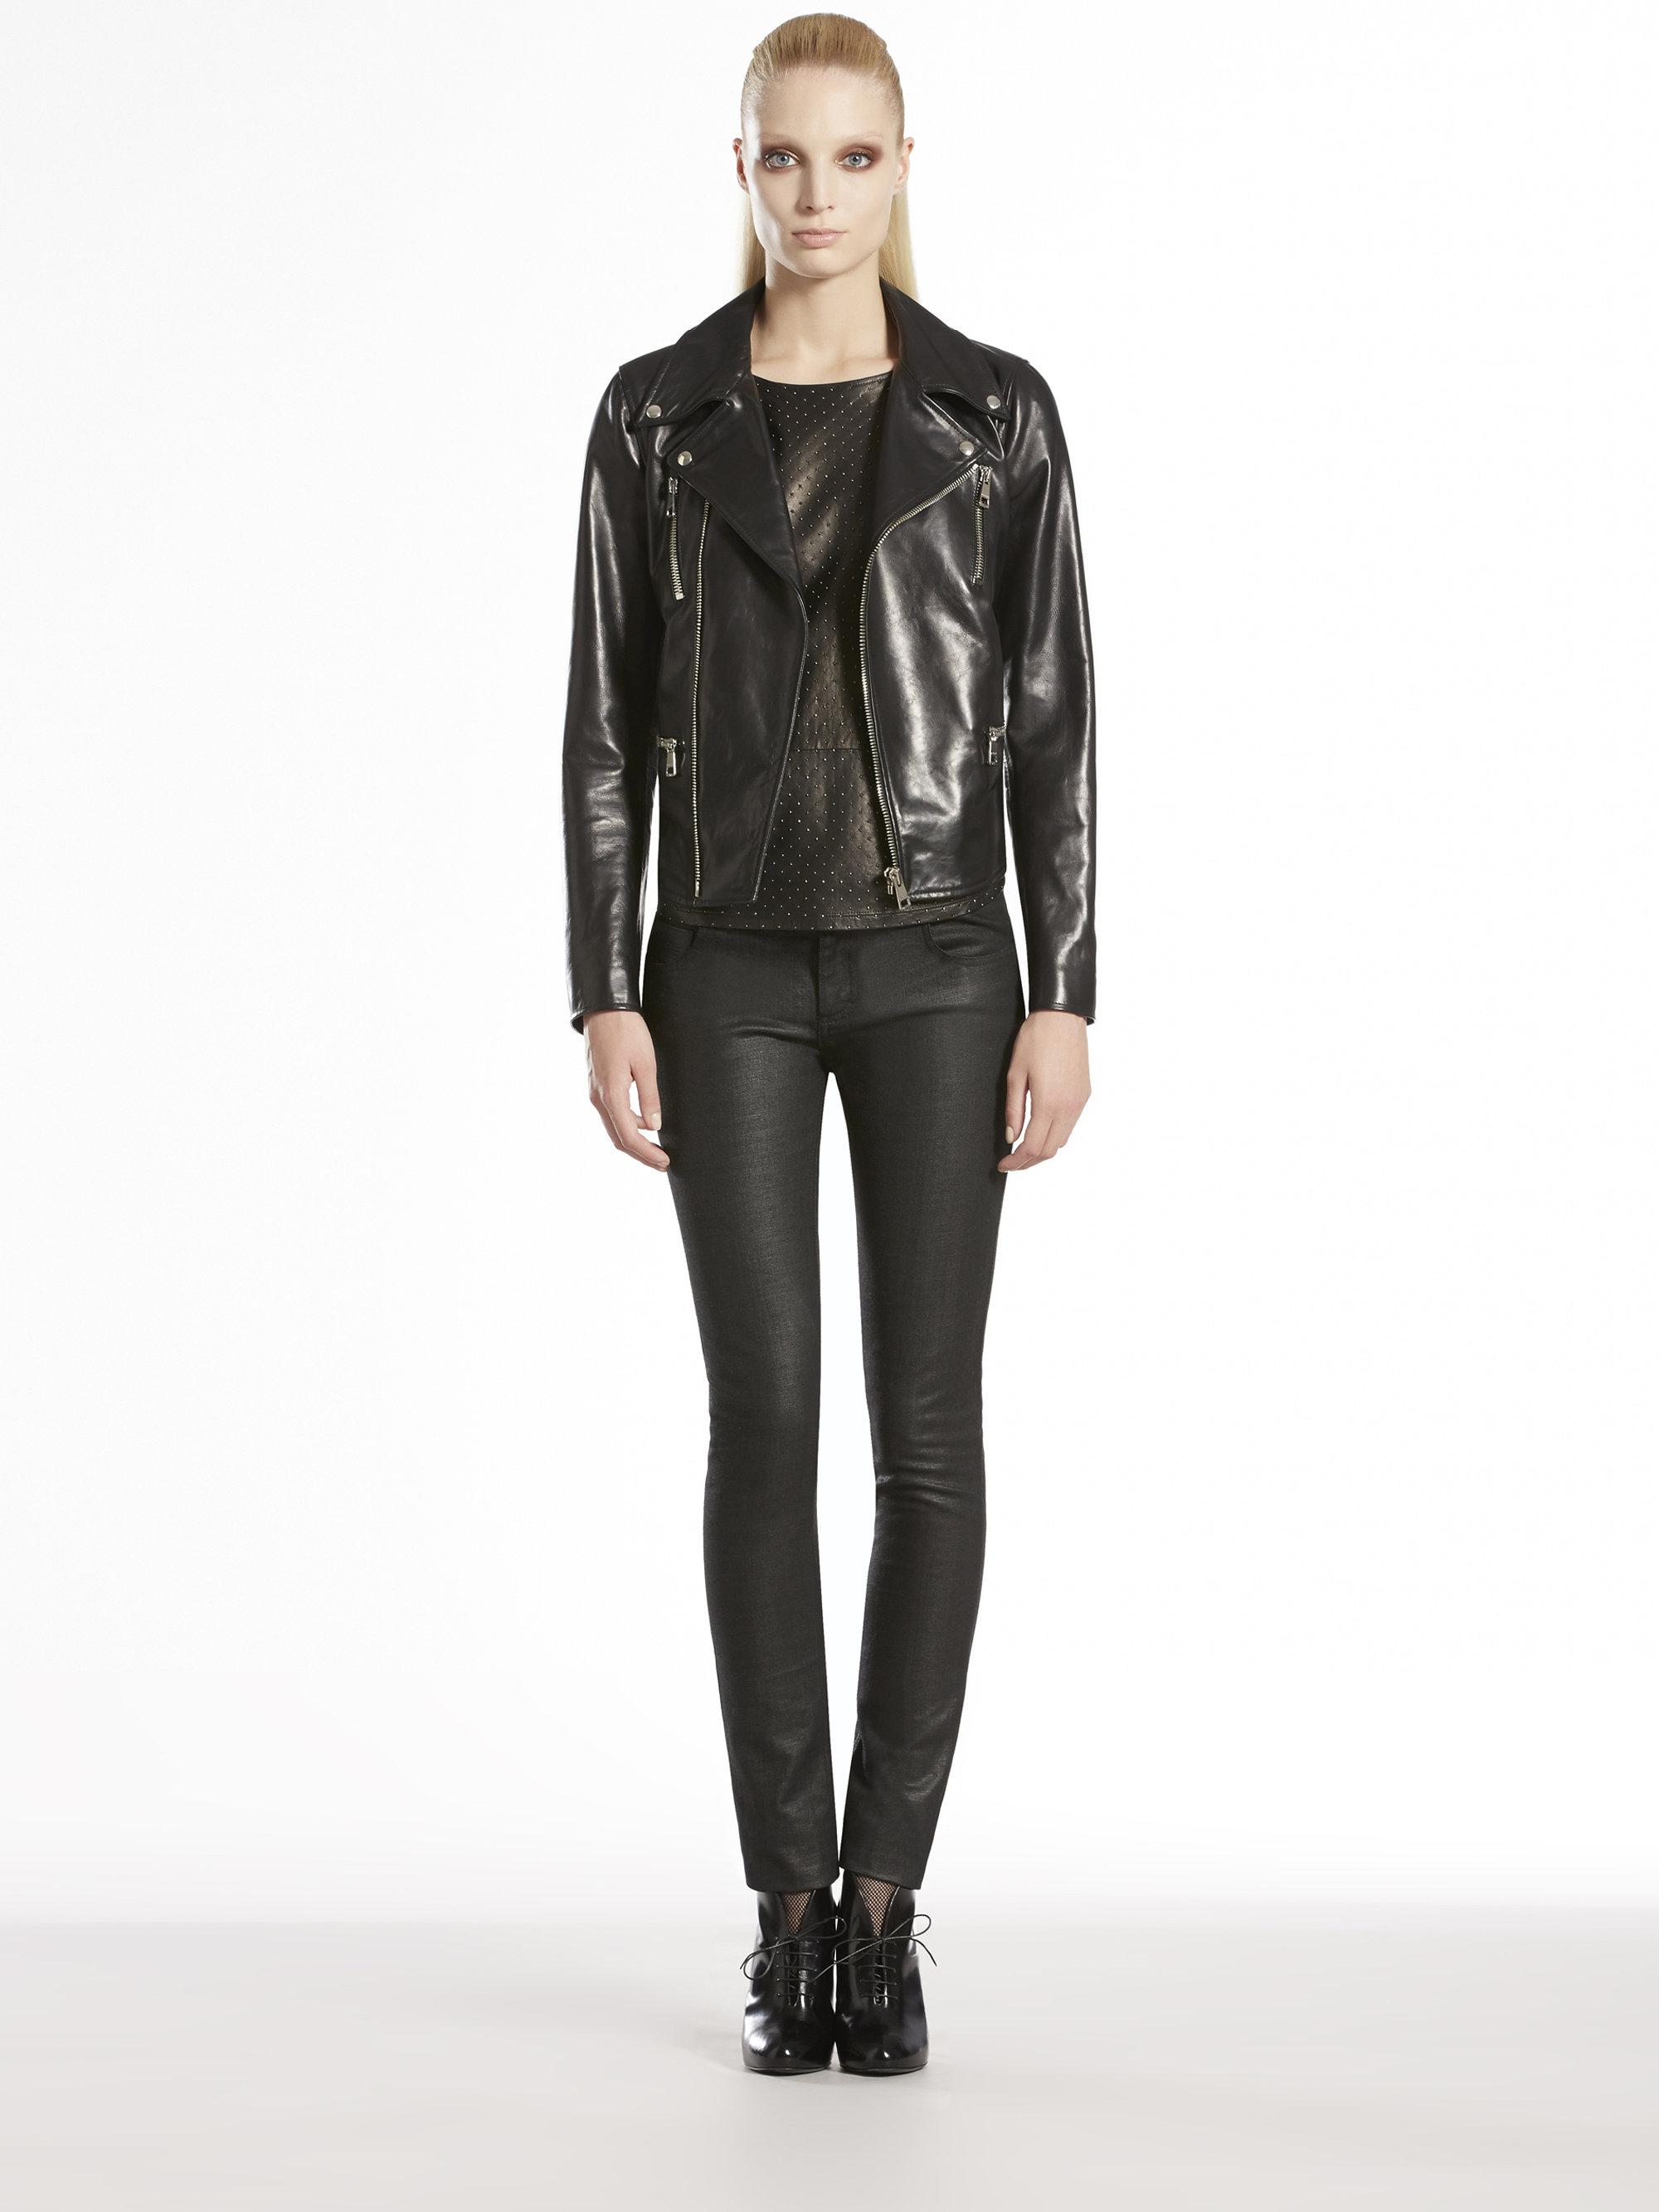 Shiny leather jackets